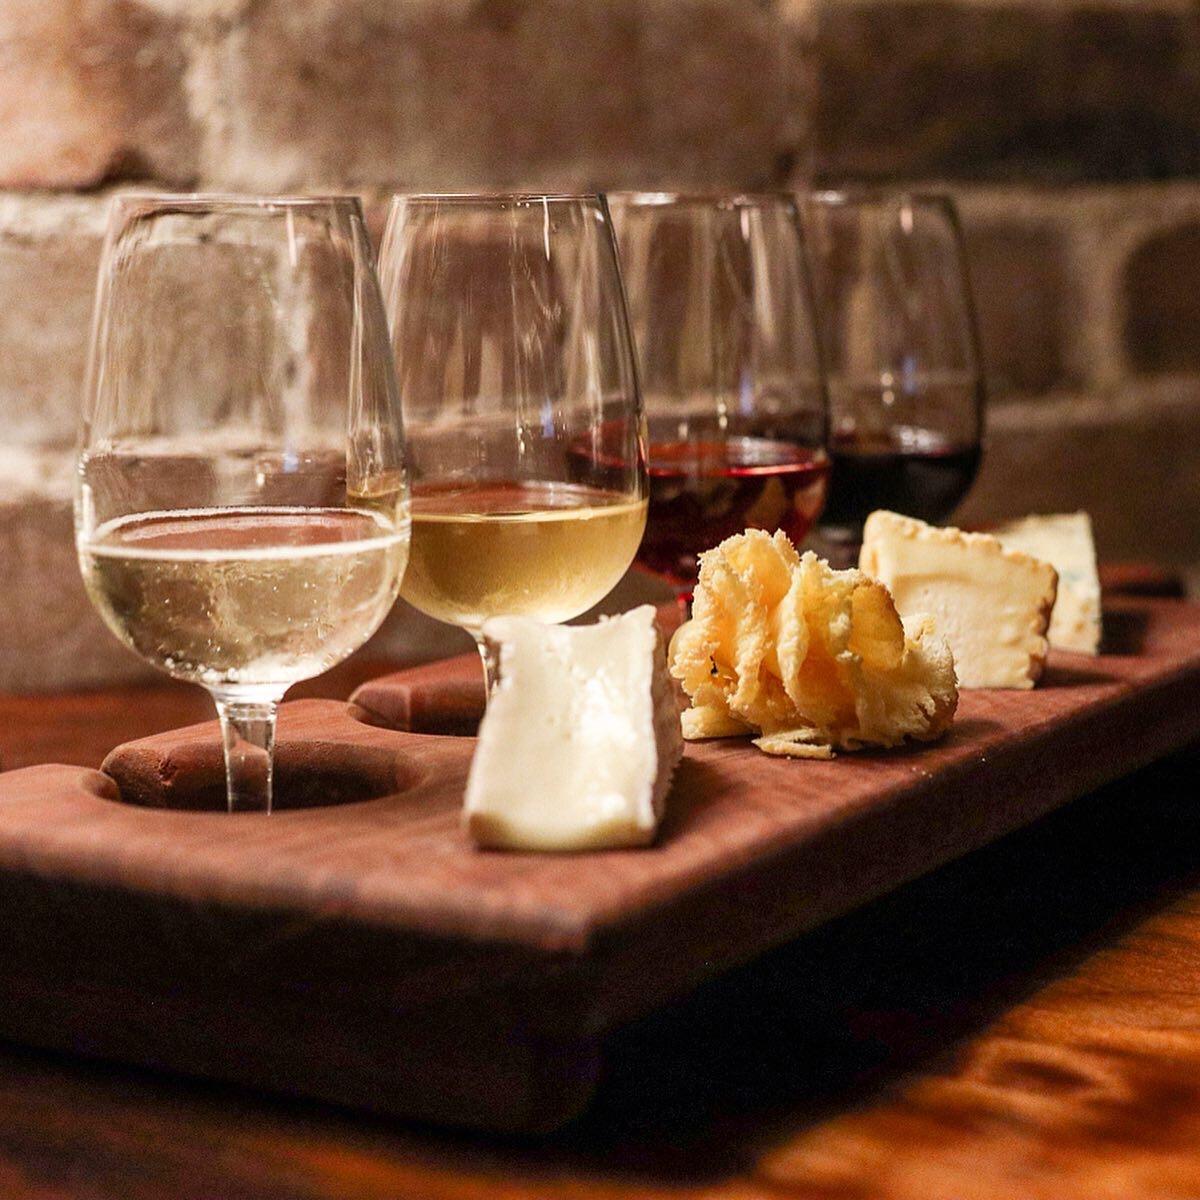 darlings-bistro-wine-cheese-flight